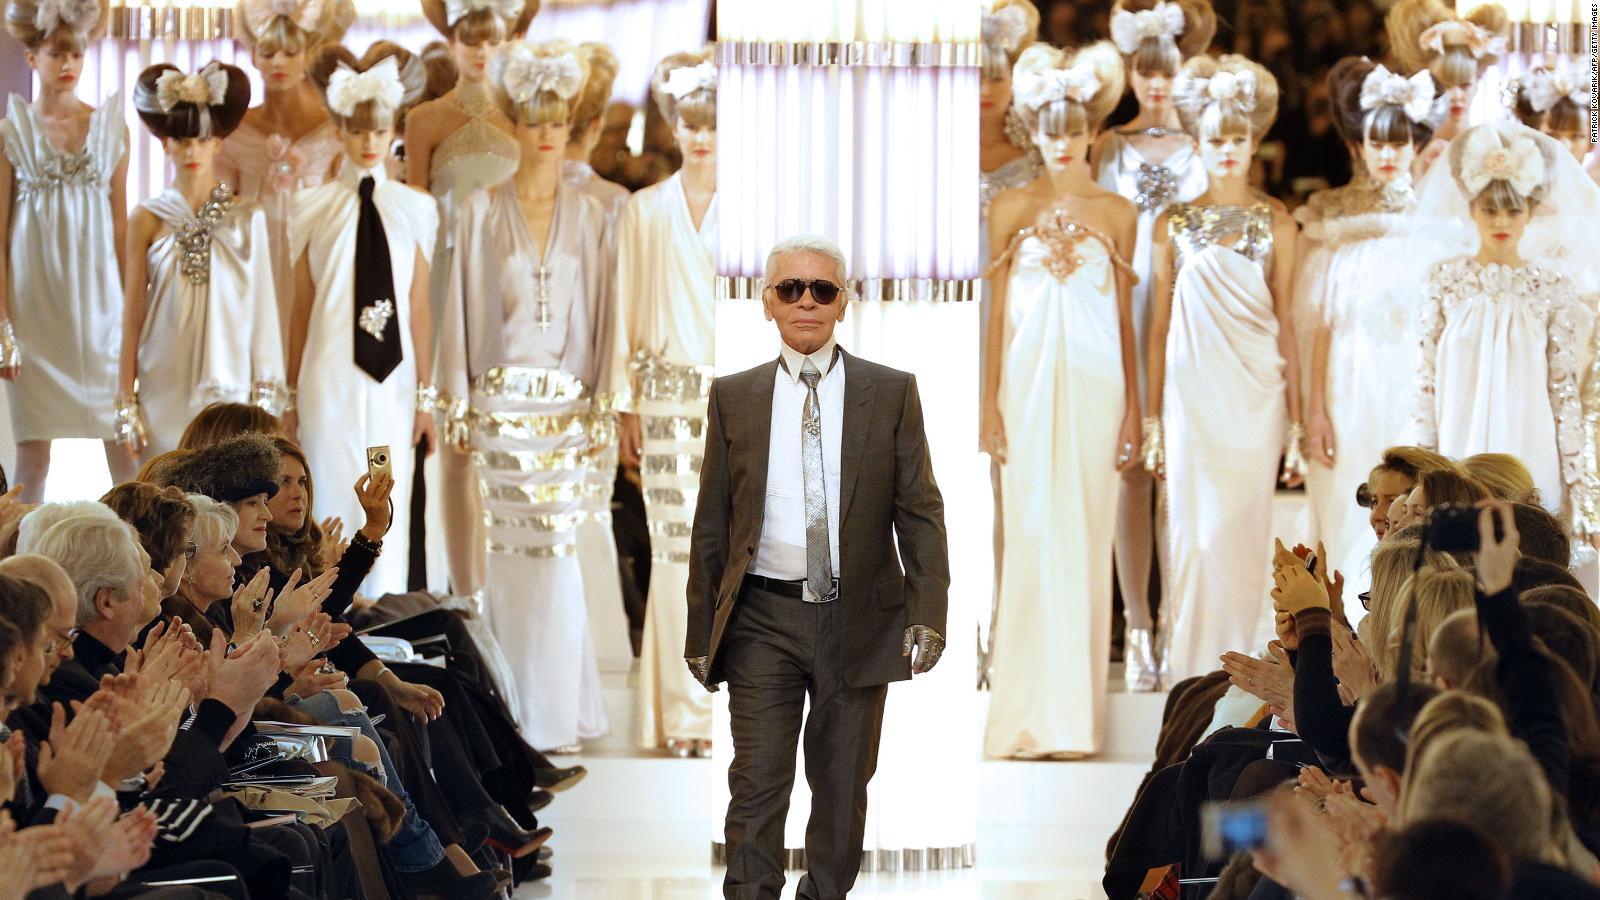 O sadece Chanel'in kurtarıcısı değildi. Karl Lagerfeld modayı yeniden tanımladı